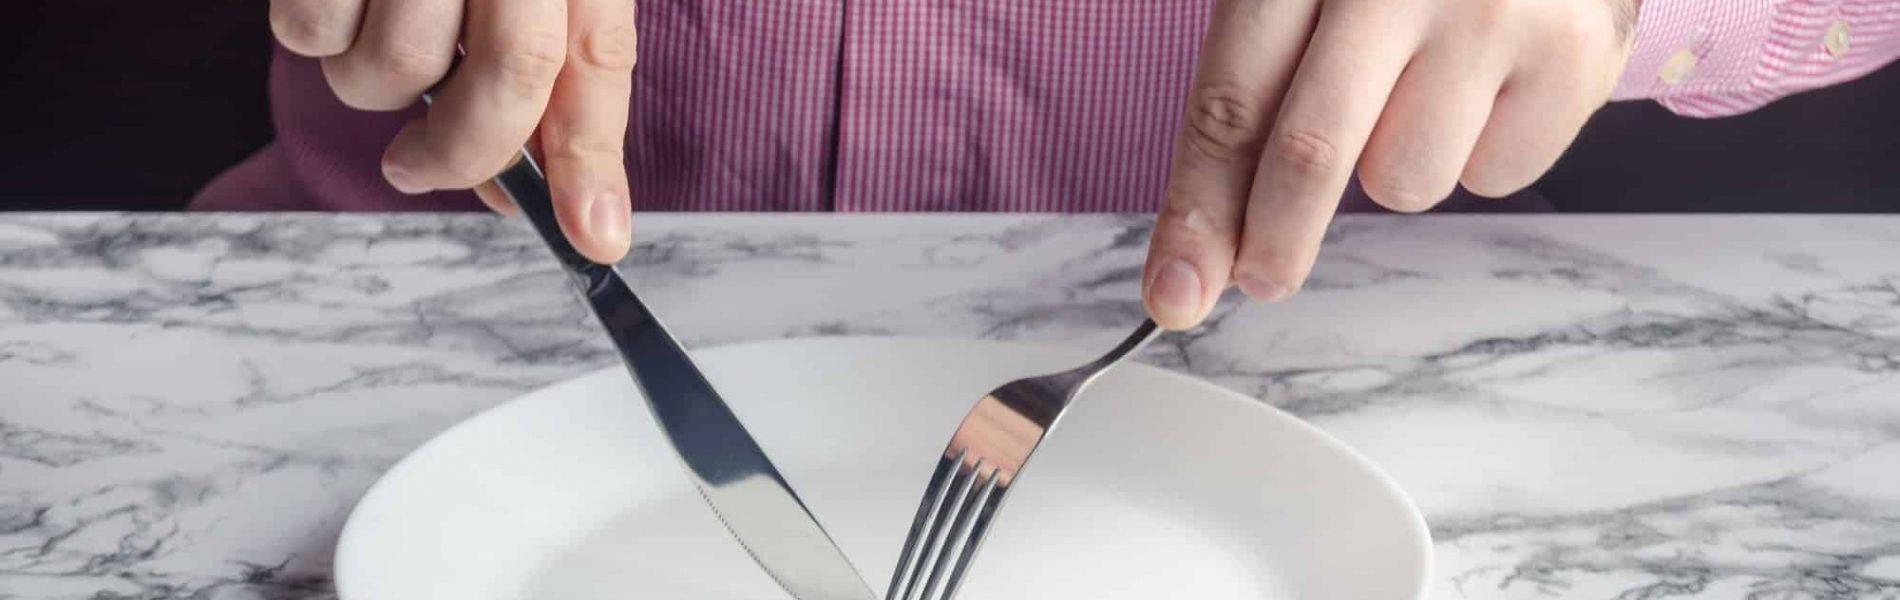 """""""להיות בררן באוכל זה לא גברי"""": גברים מדברים על הפרעות האכילה שלהם"""